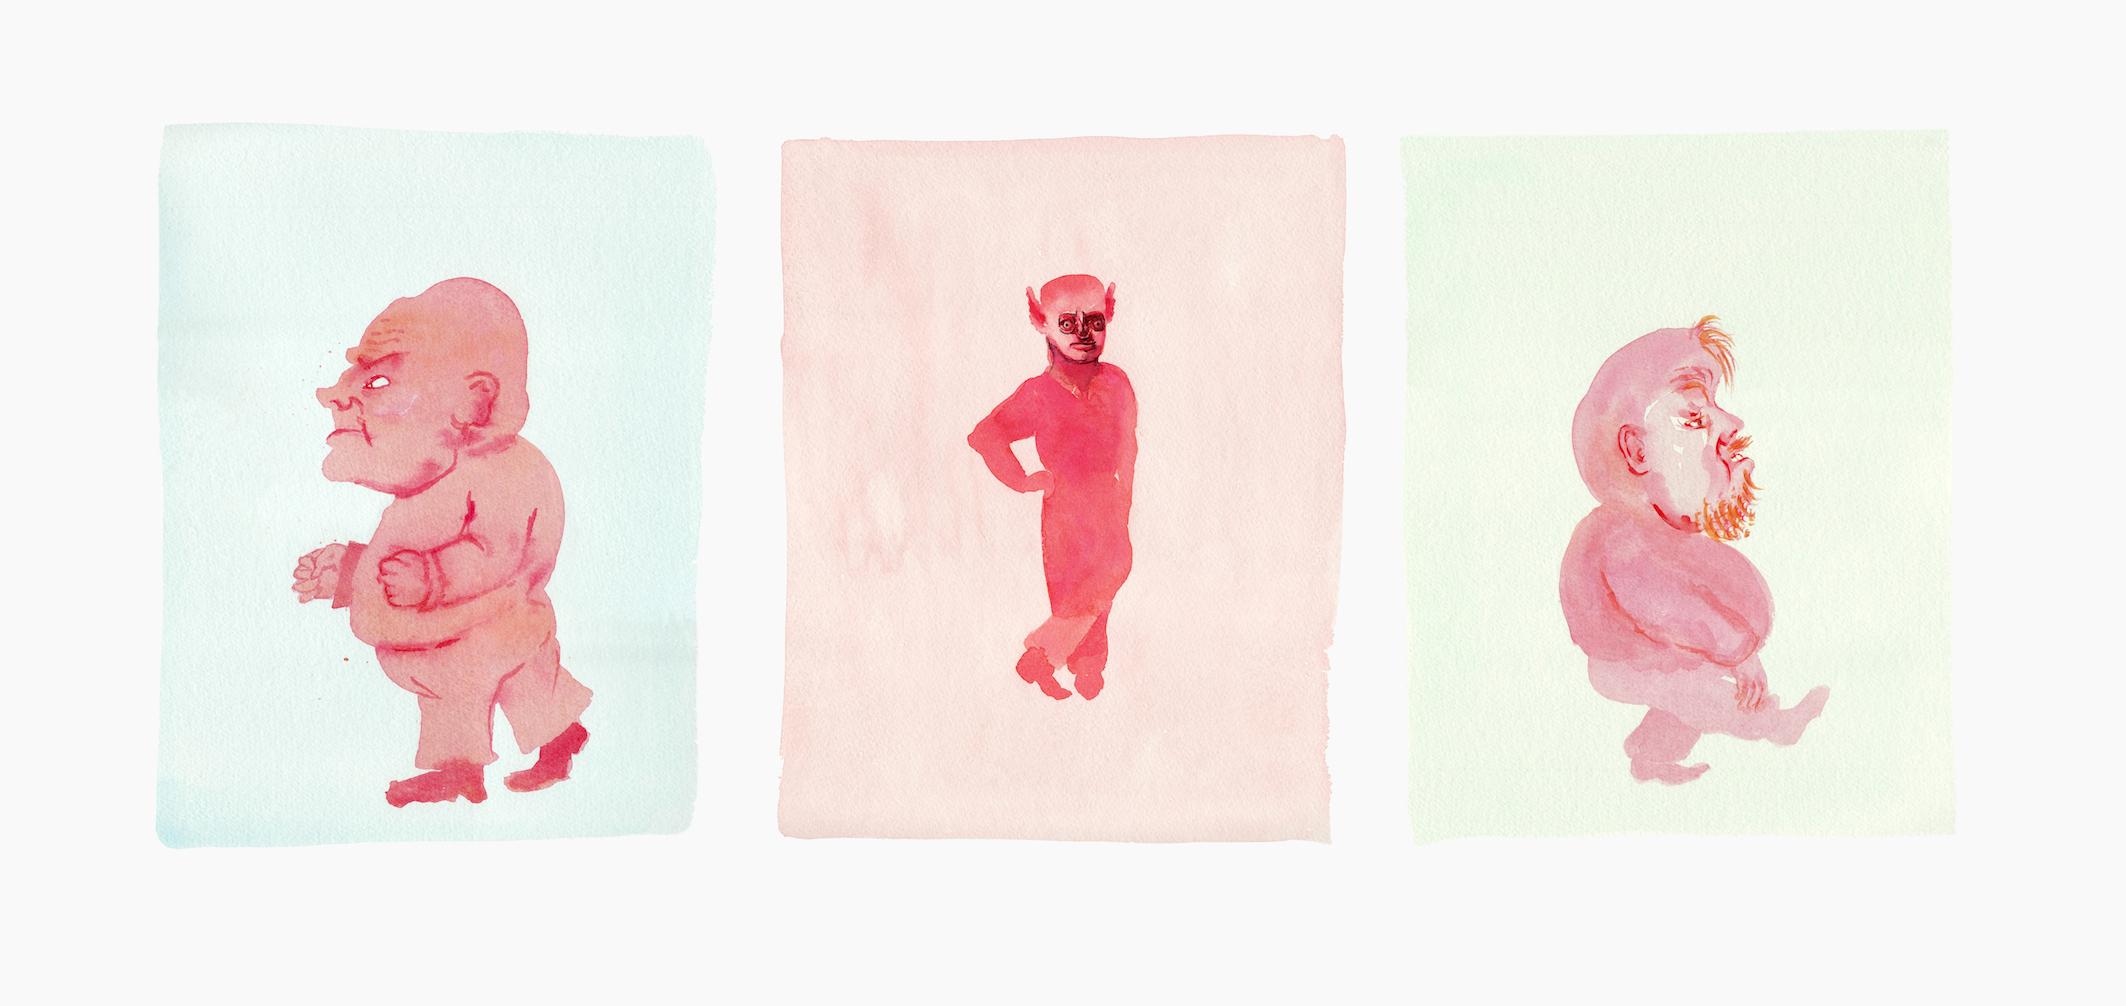 Kim L Pace, Feud , archival pigment print on watercolor paper, 37x17, unique